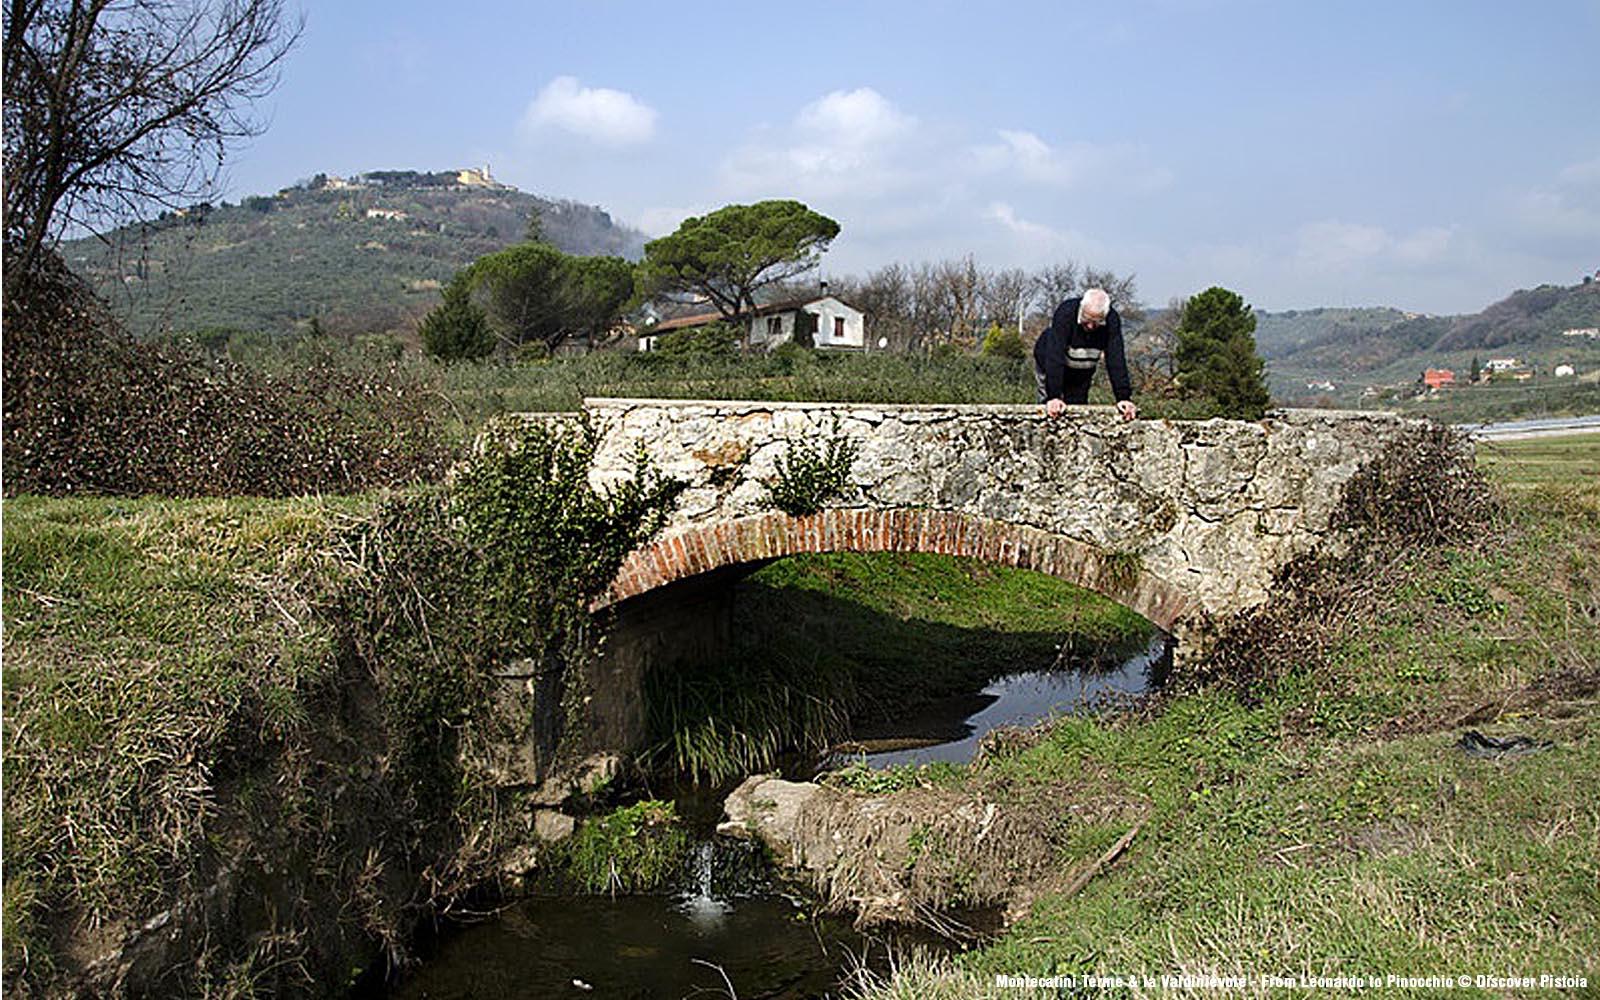 Pieve a Nievole - Terra di pipistrelli e di nobili abitanti - Toscana Ovunque Bella